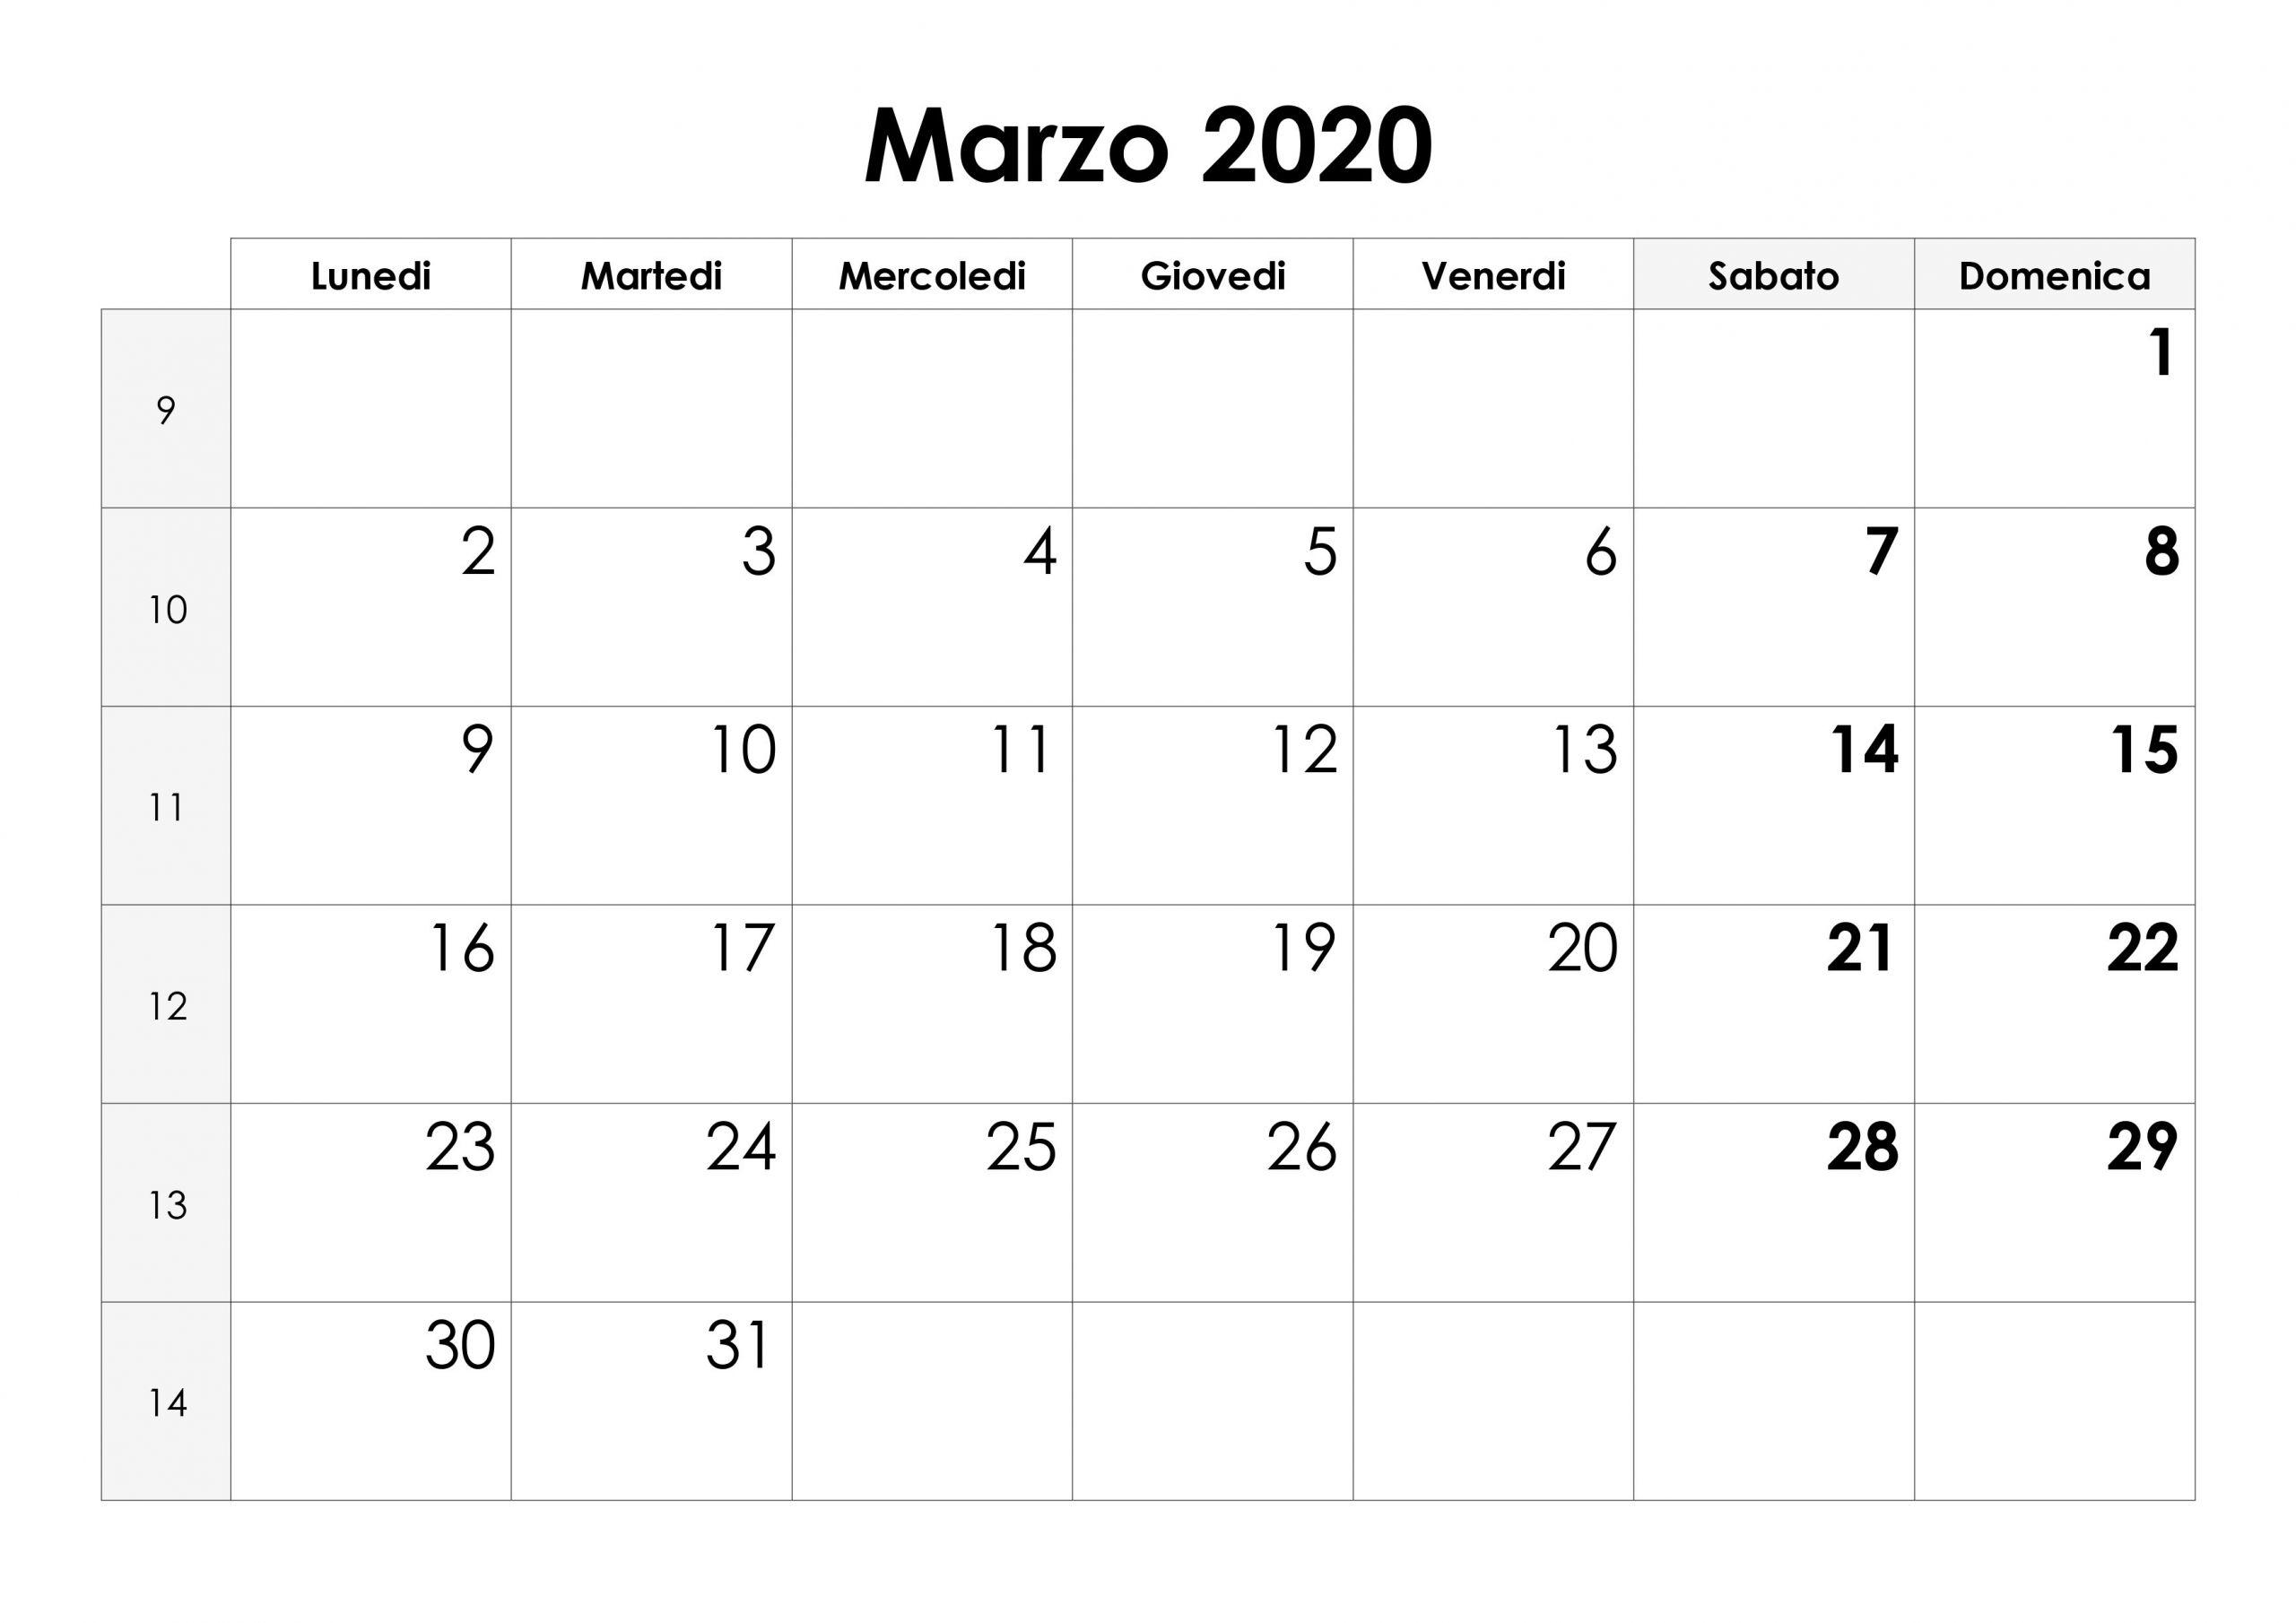 calendario enero febrero marzo 2020 mas arriba a fecha calendario 2020 marzo of calendario enero febrero marzo 2020